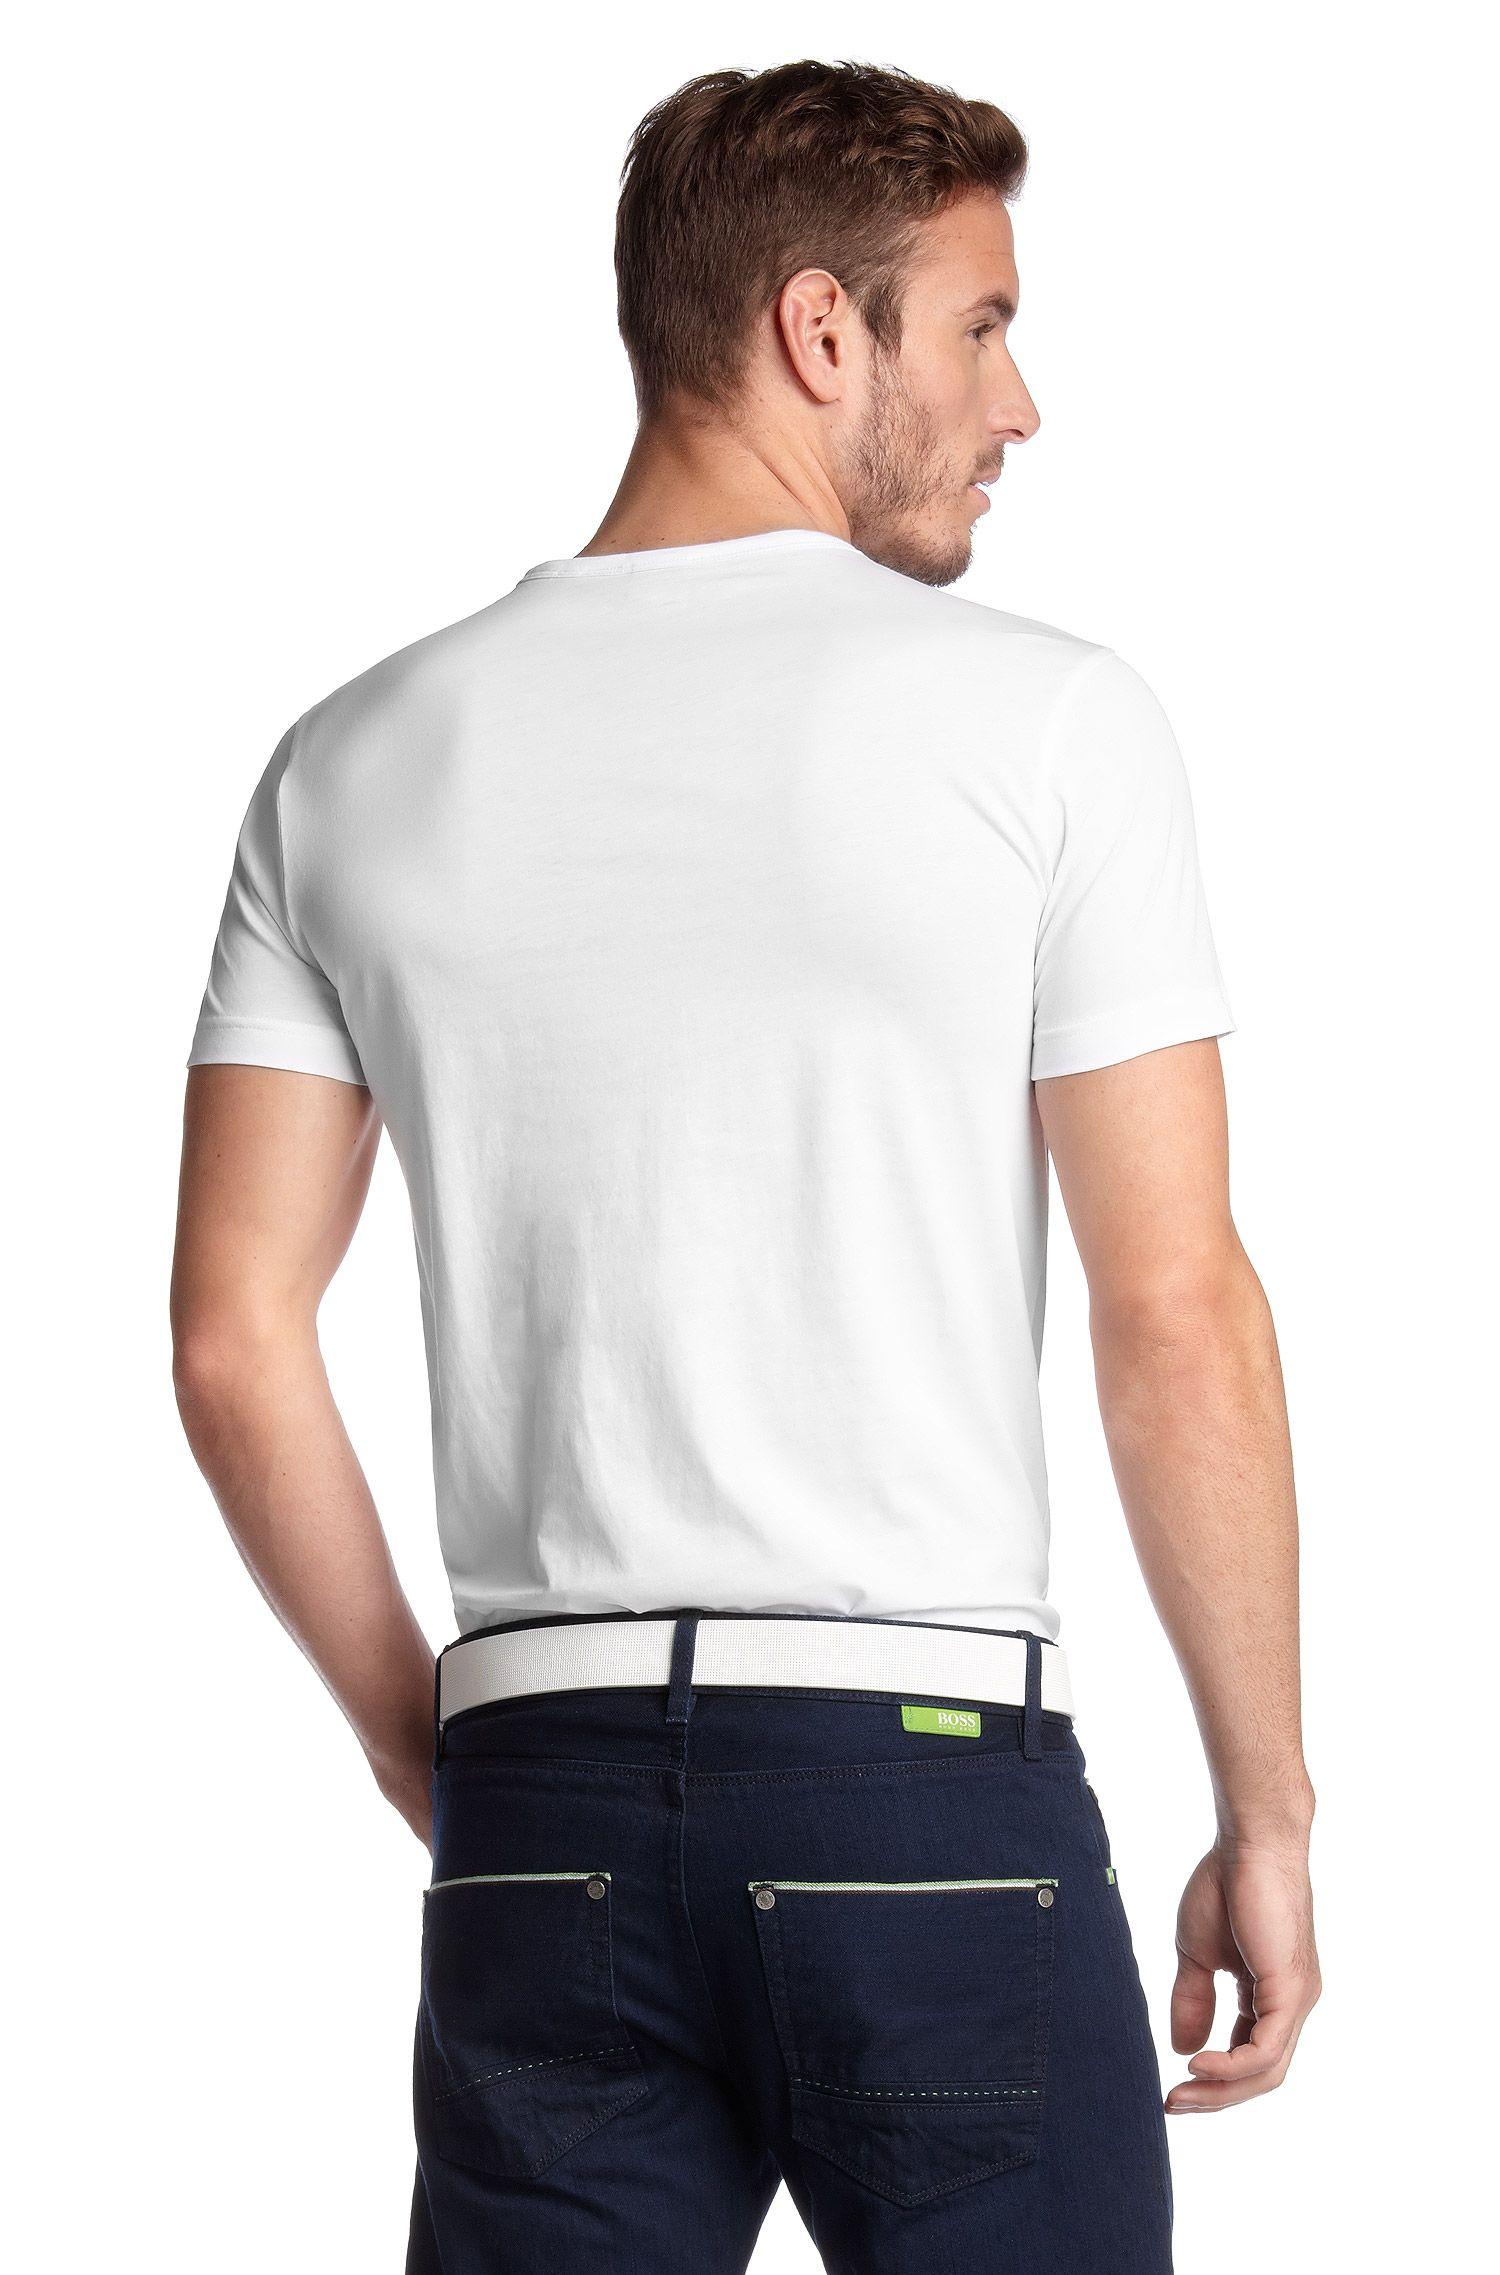 T-shirt en pur coton, Tee Box